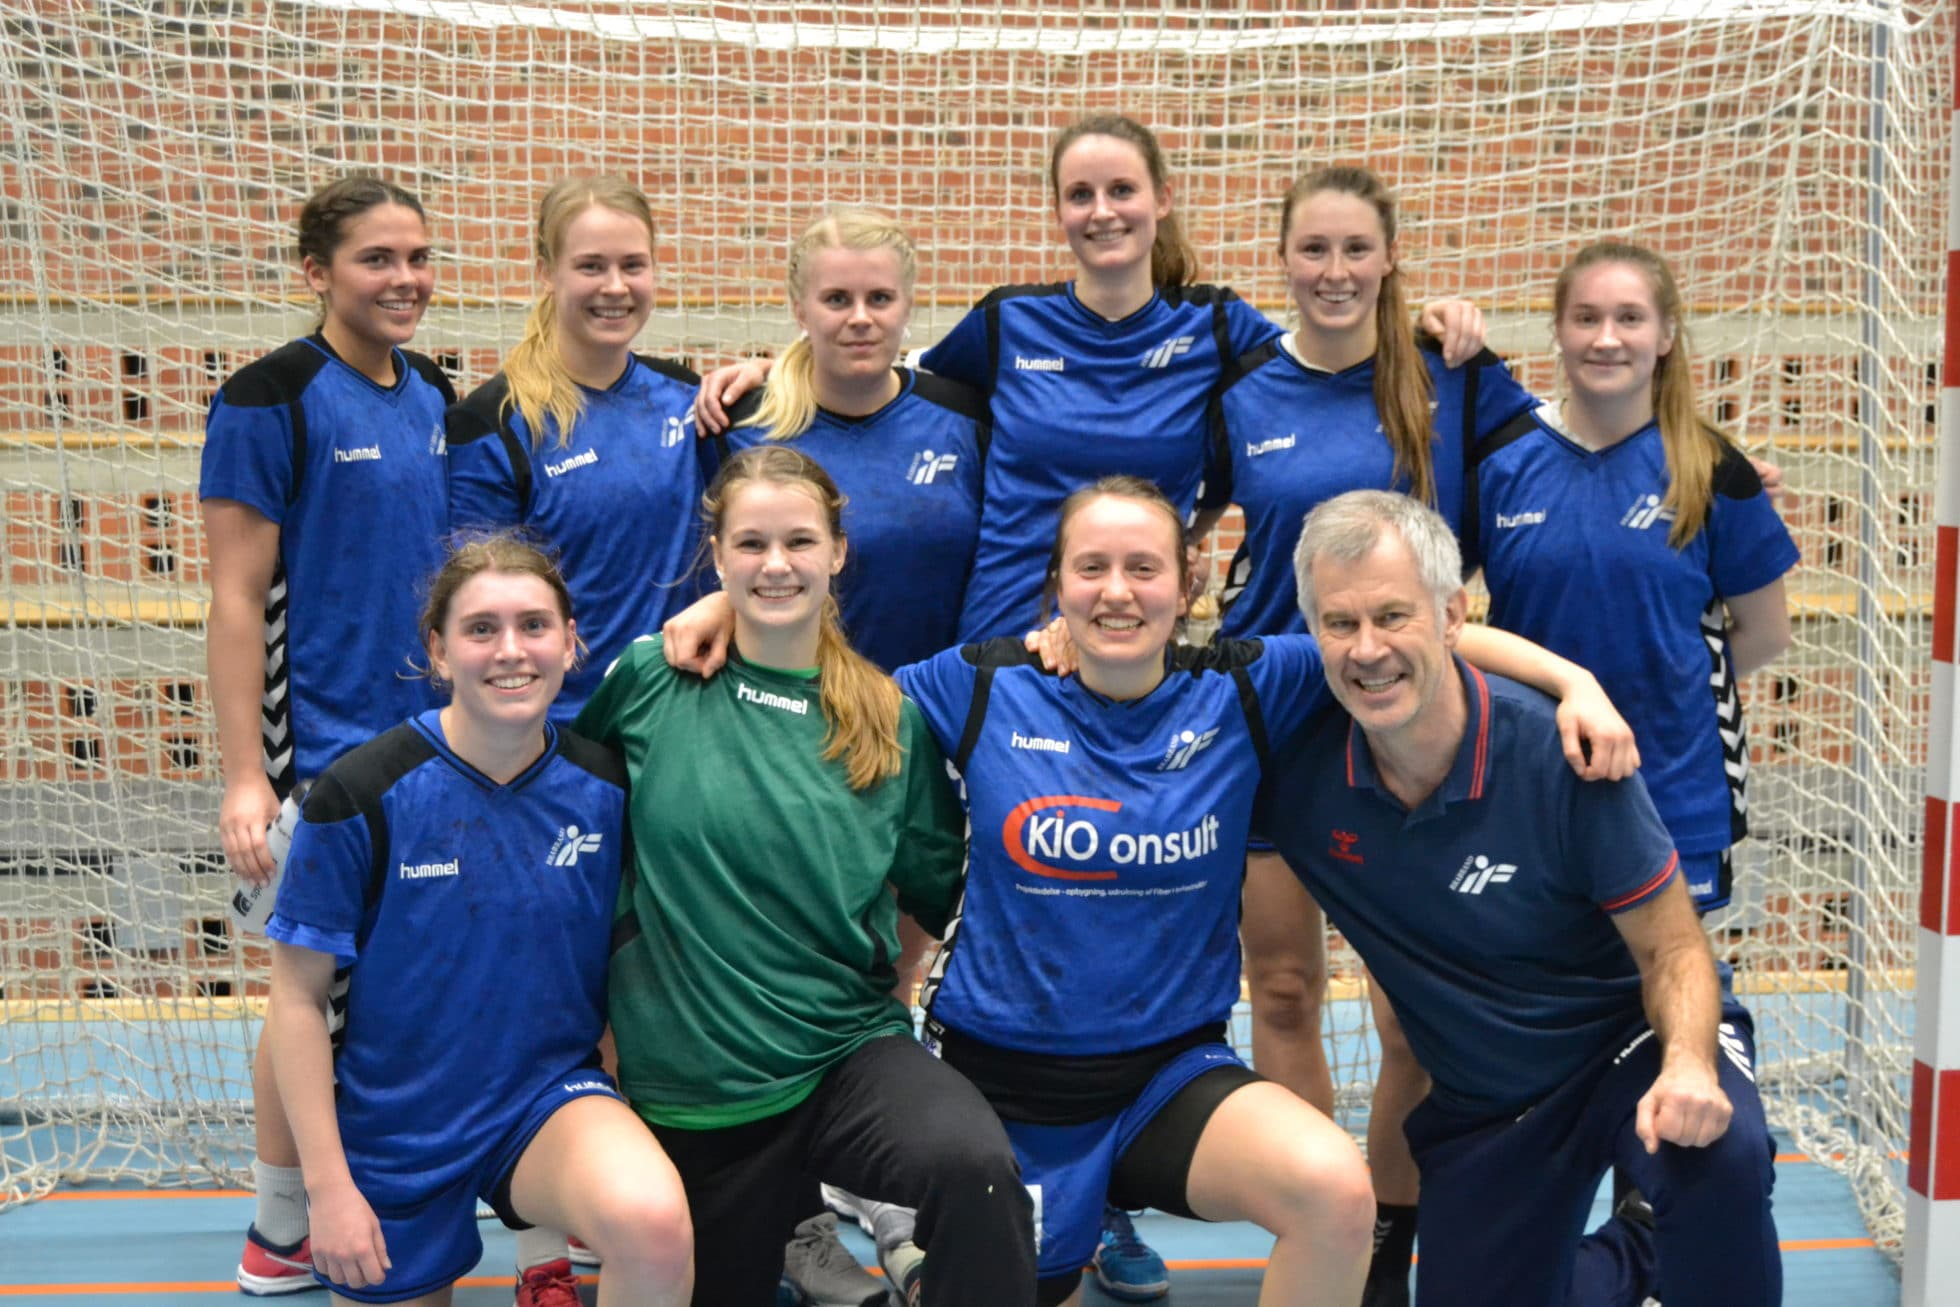 ae751bcd De glade spillere fra Brabrand kunne sammen med den ene af holdets trænere  Peter Harpøth Sørensen torsdag fejre sejren og oprykningen til 3. division.